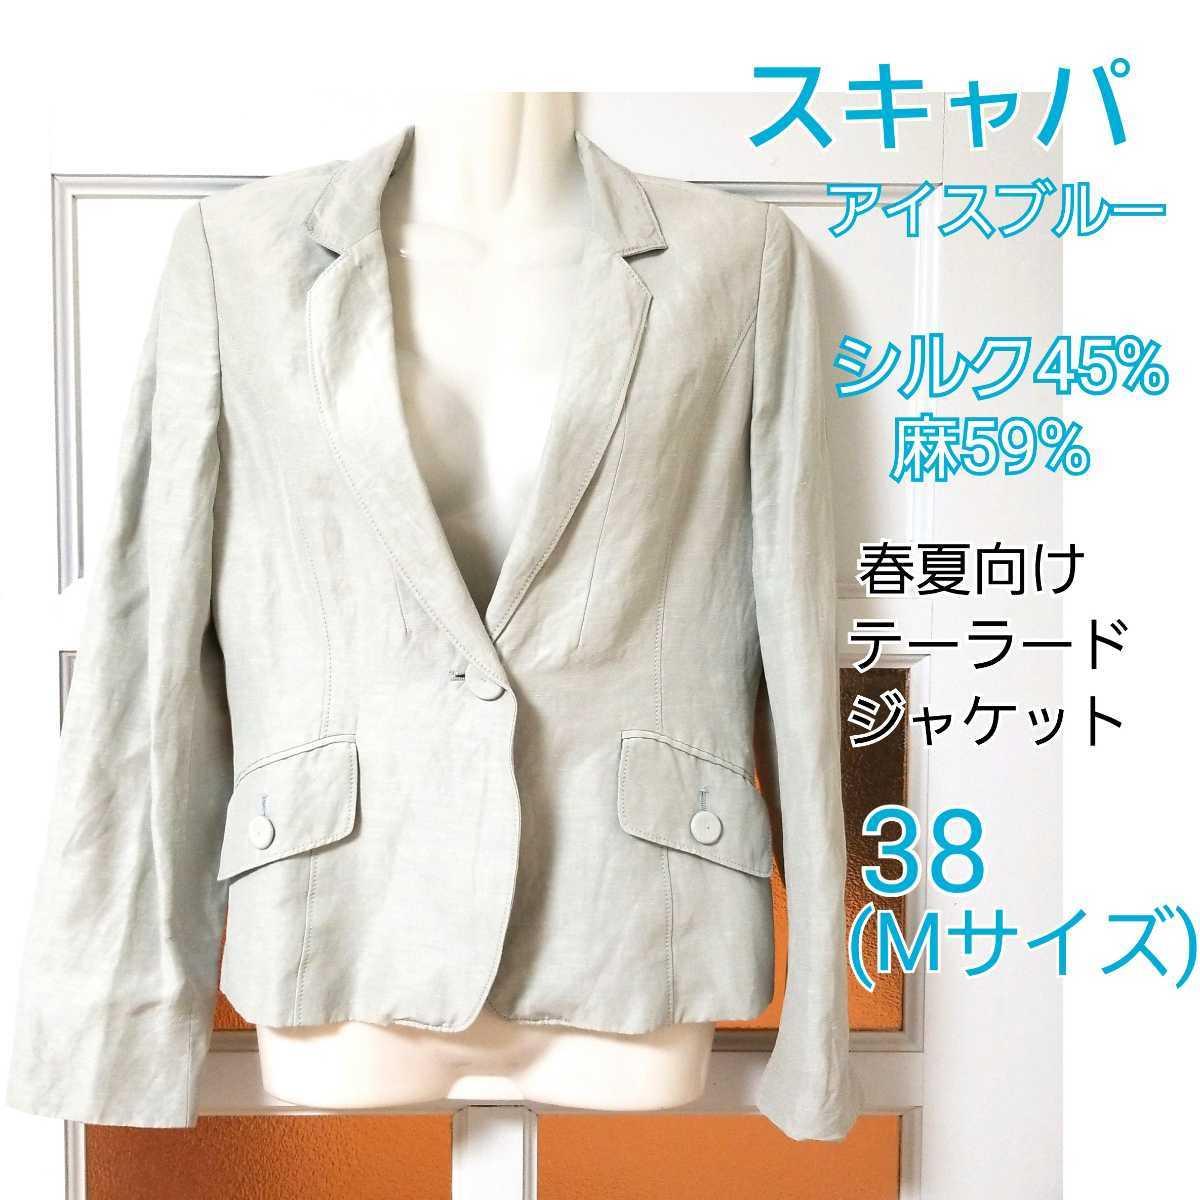 スキャパ 麻混 リネン シルク混 絹 アイスブルー サックス系 霜降り 長袖 テーラードジャケット 38(Mサイズ/9号) スーツ